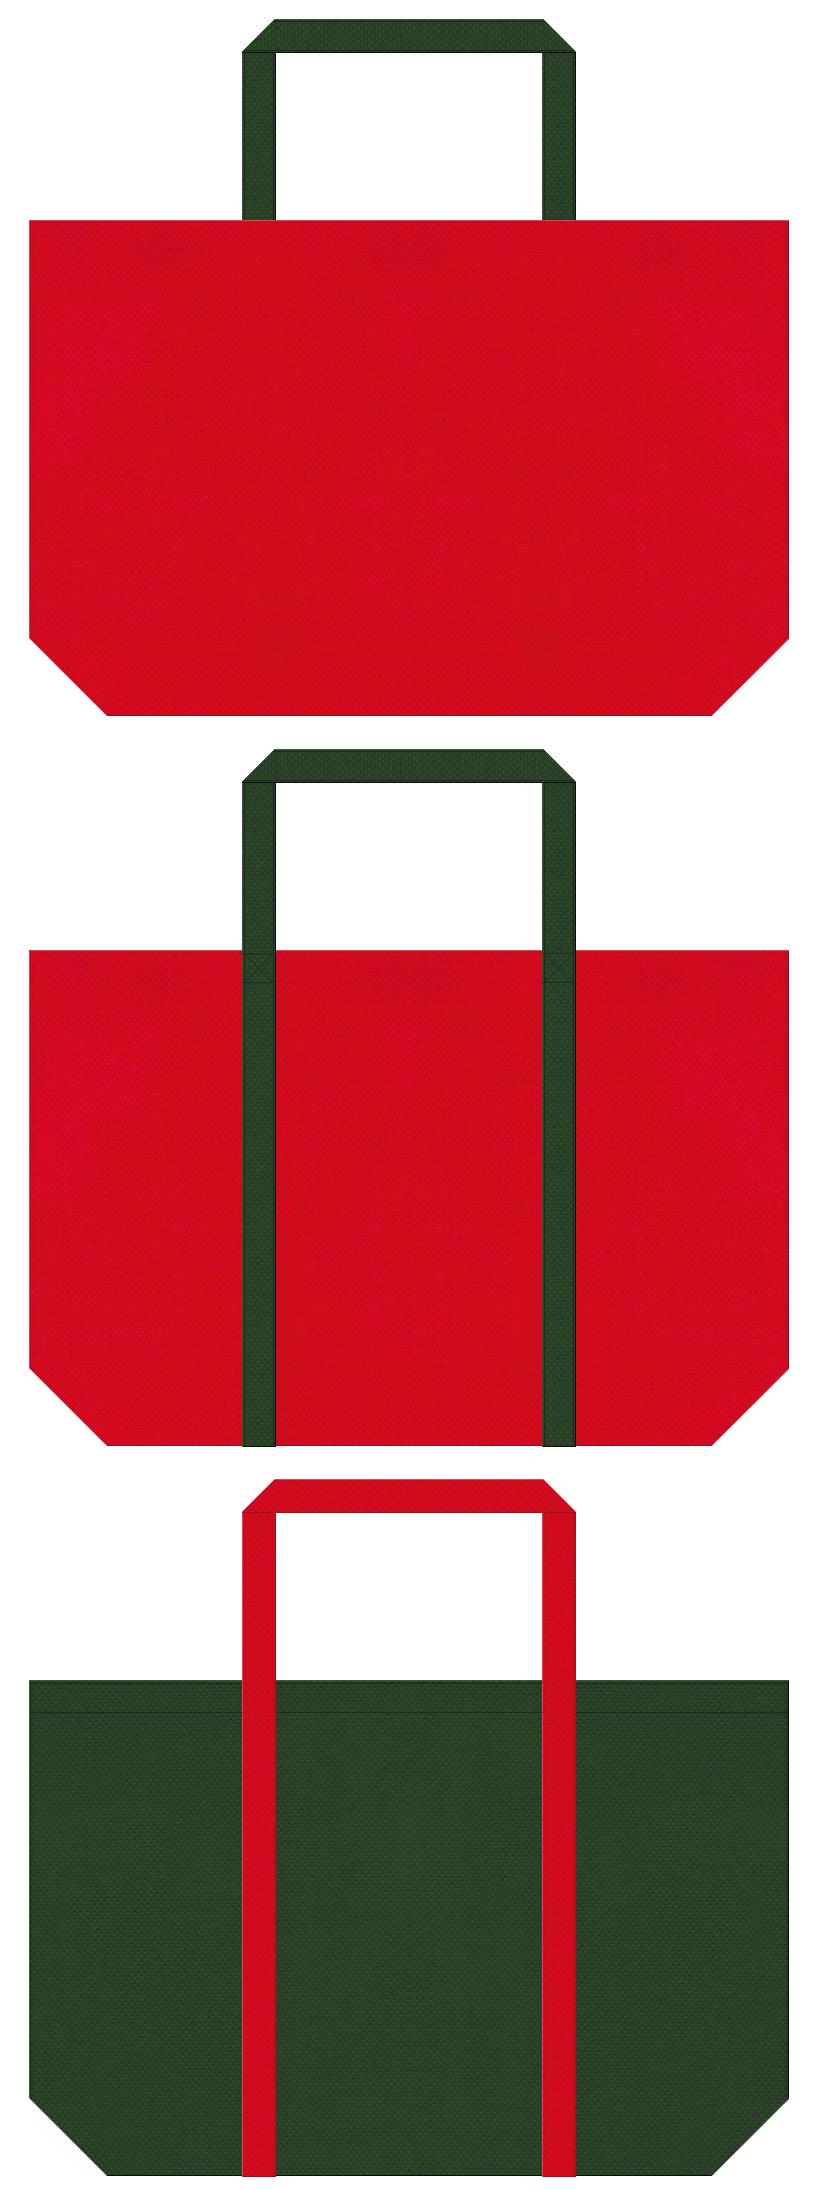 バーナー・コンロ・登山・キャンプ・アウトドアイベント・スイカ・イチゴ・トマト・絵本・おとぎ話・もみの木・クリスマスセールのショッピングバッグにお奨めの不織布バッグデザイン:紅色と濃緑色のコーデ